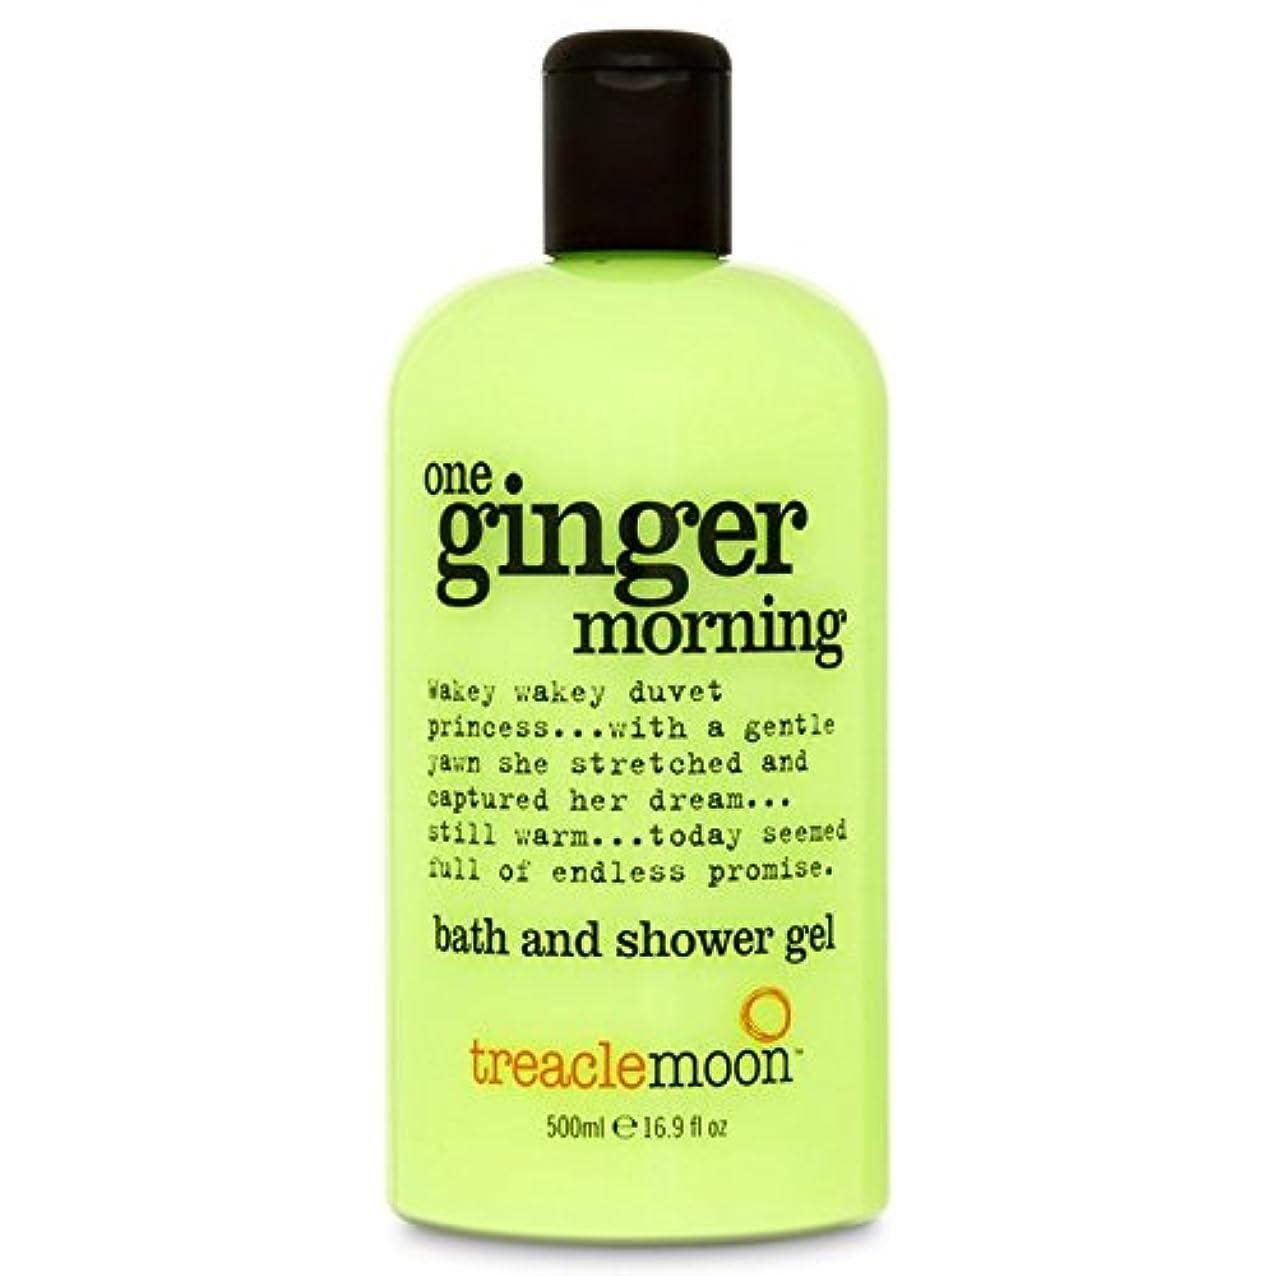 すぐに思春期失敗Treacle Moon Ginger Bath & Shower Gel 500ml (Pack of 6) - 糖蜜ムーンジンジャーバス&シャワージェル500ミリリットル x6 [並行輸入品]